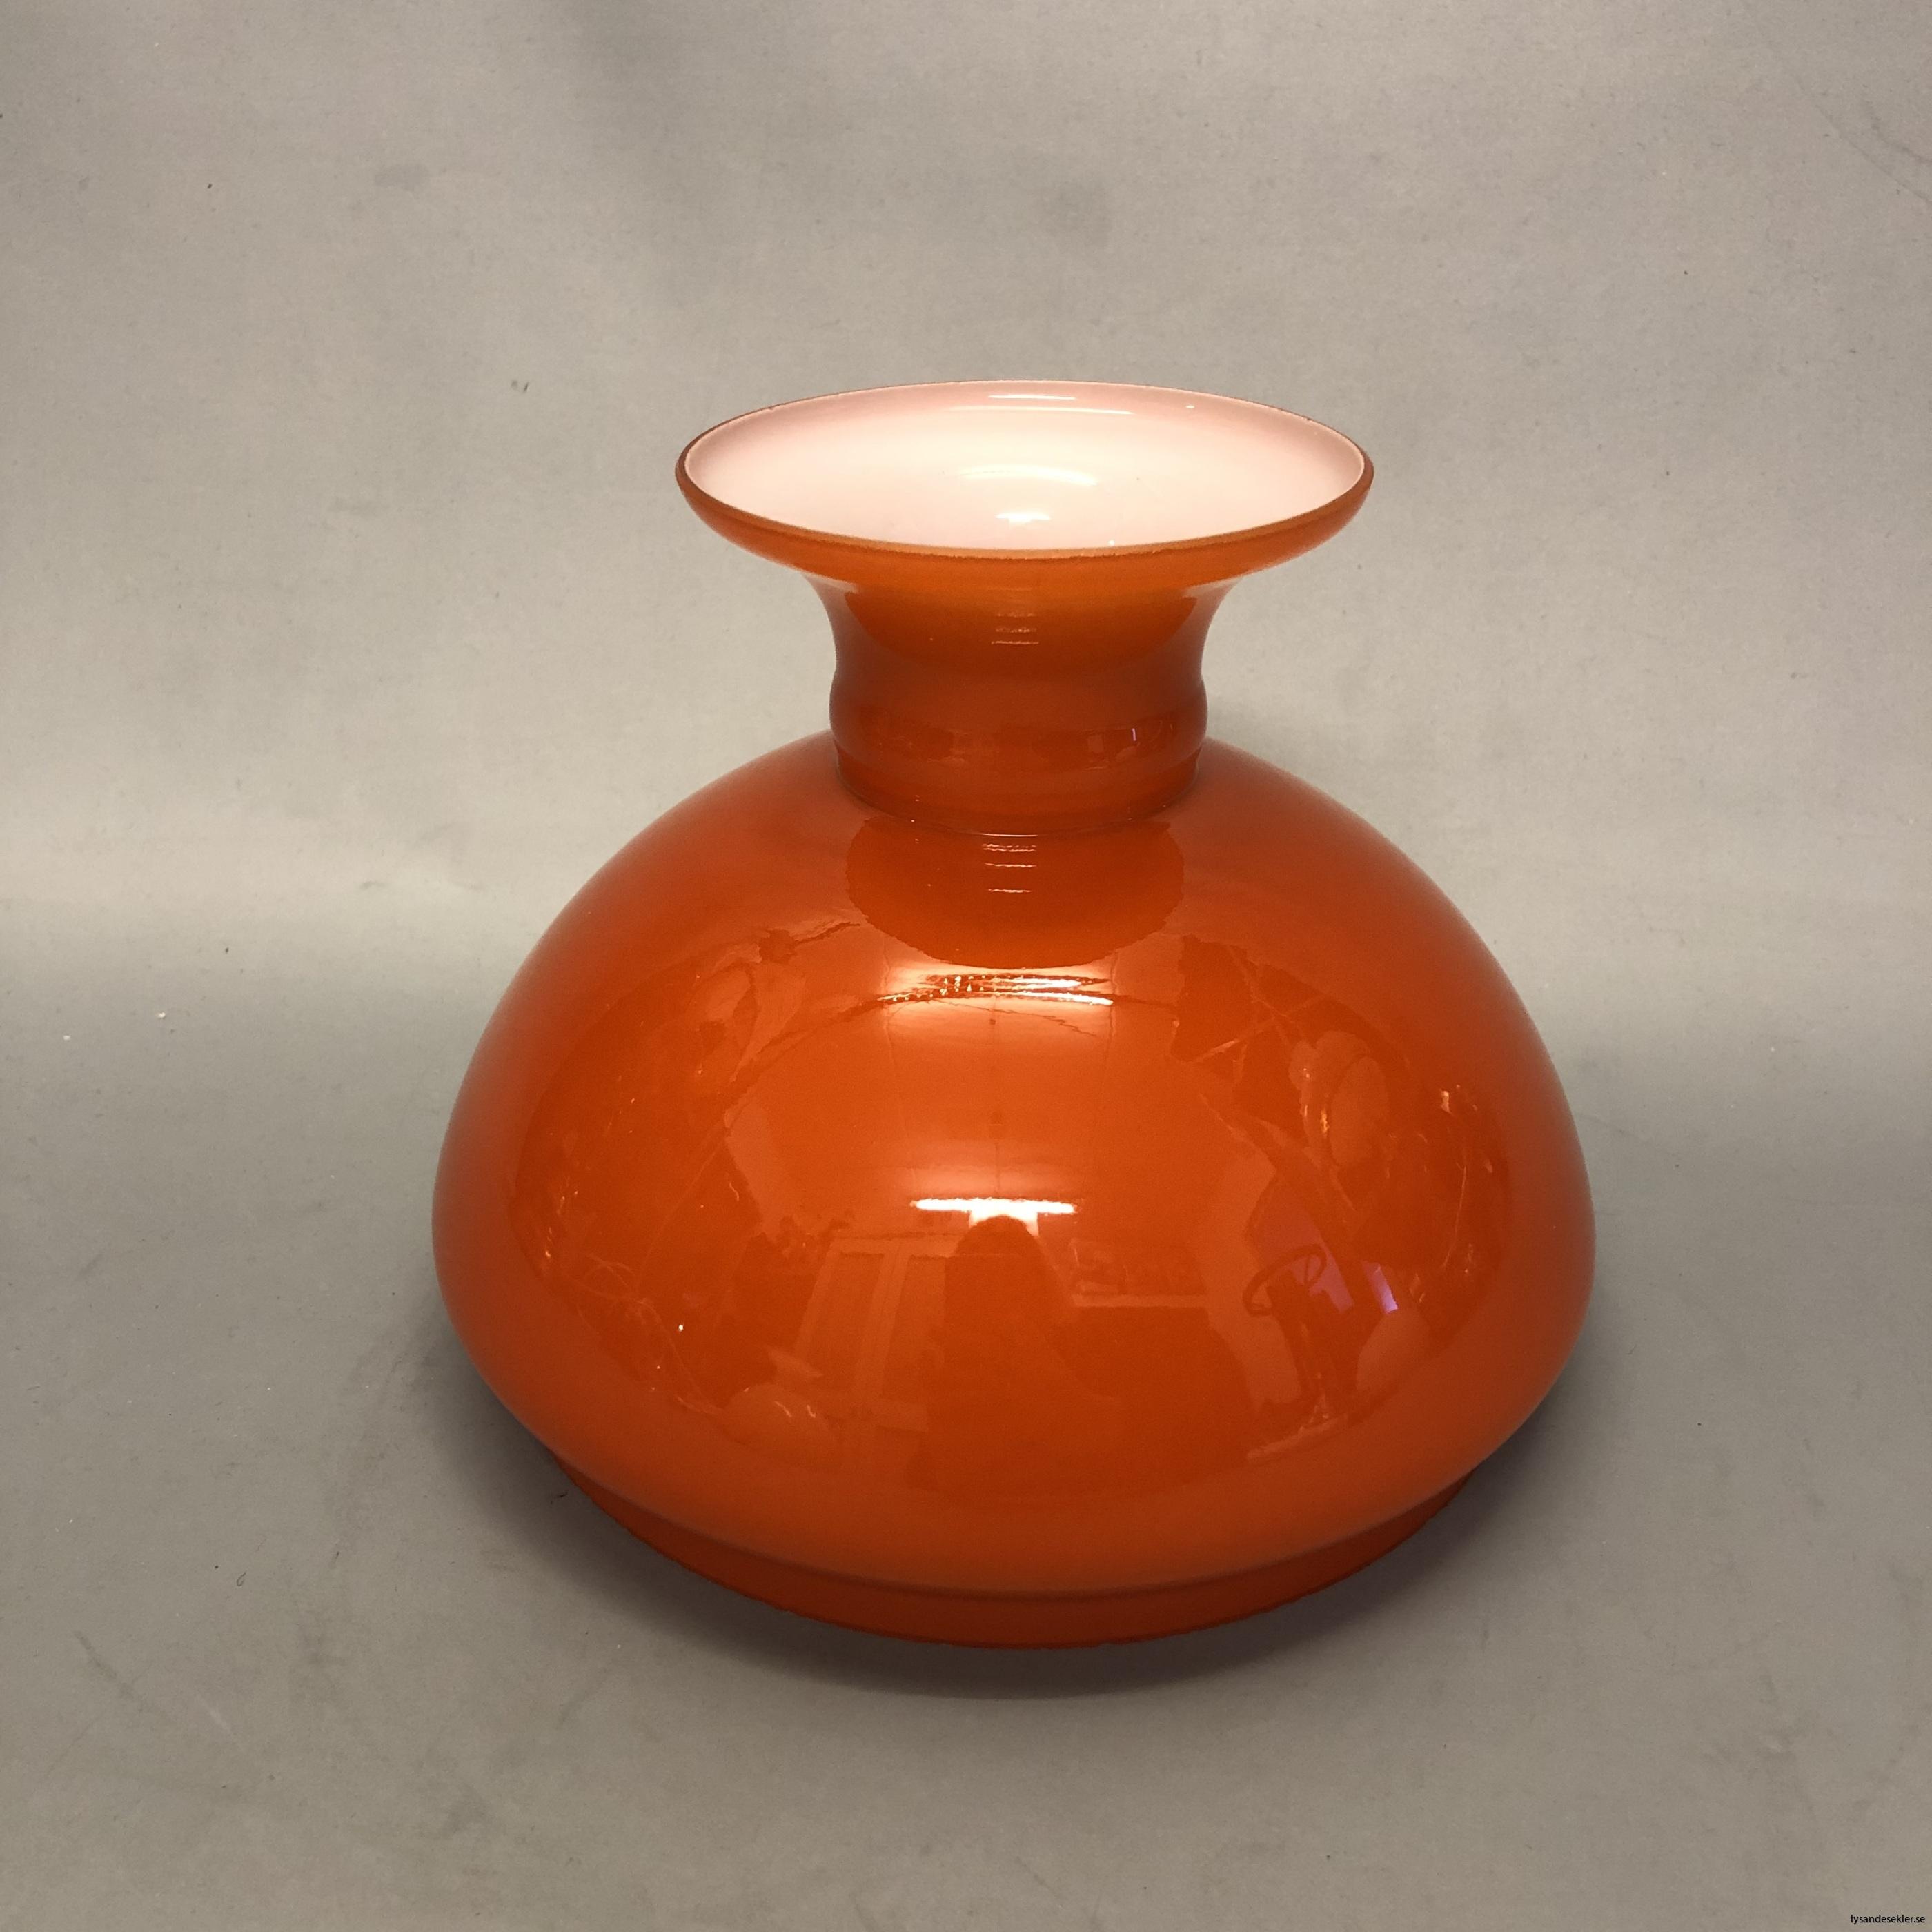 färgad vesta vestaskärm i färg fotogenskärm grön röd gul orange skärm till fotogenlampa54